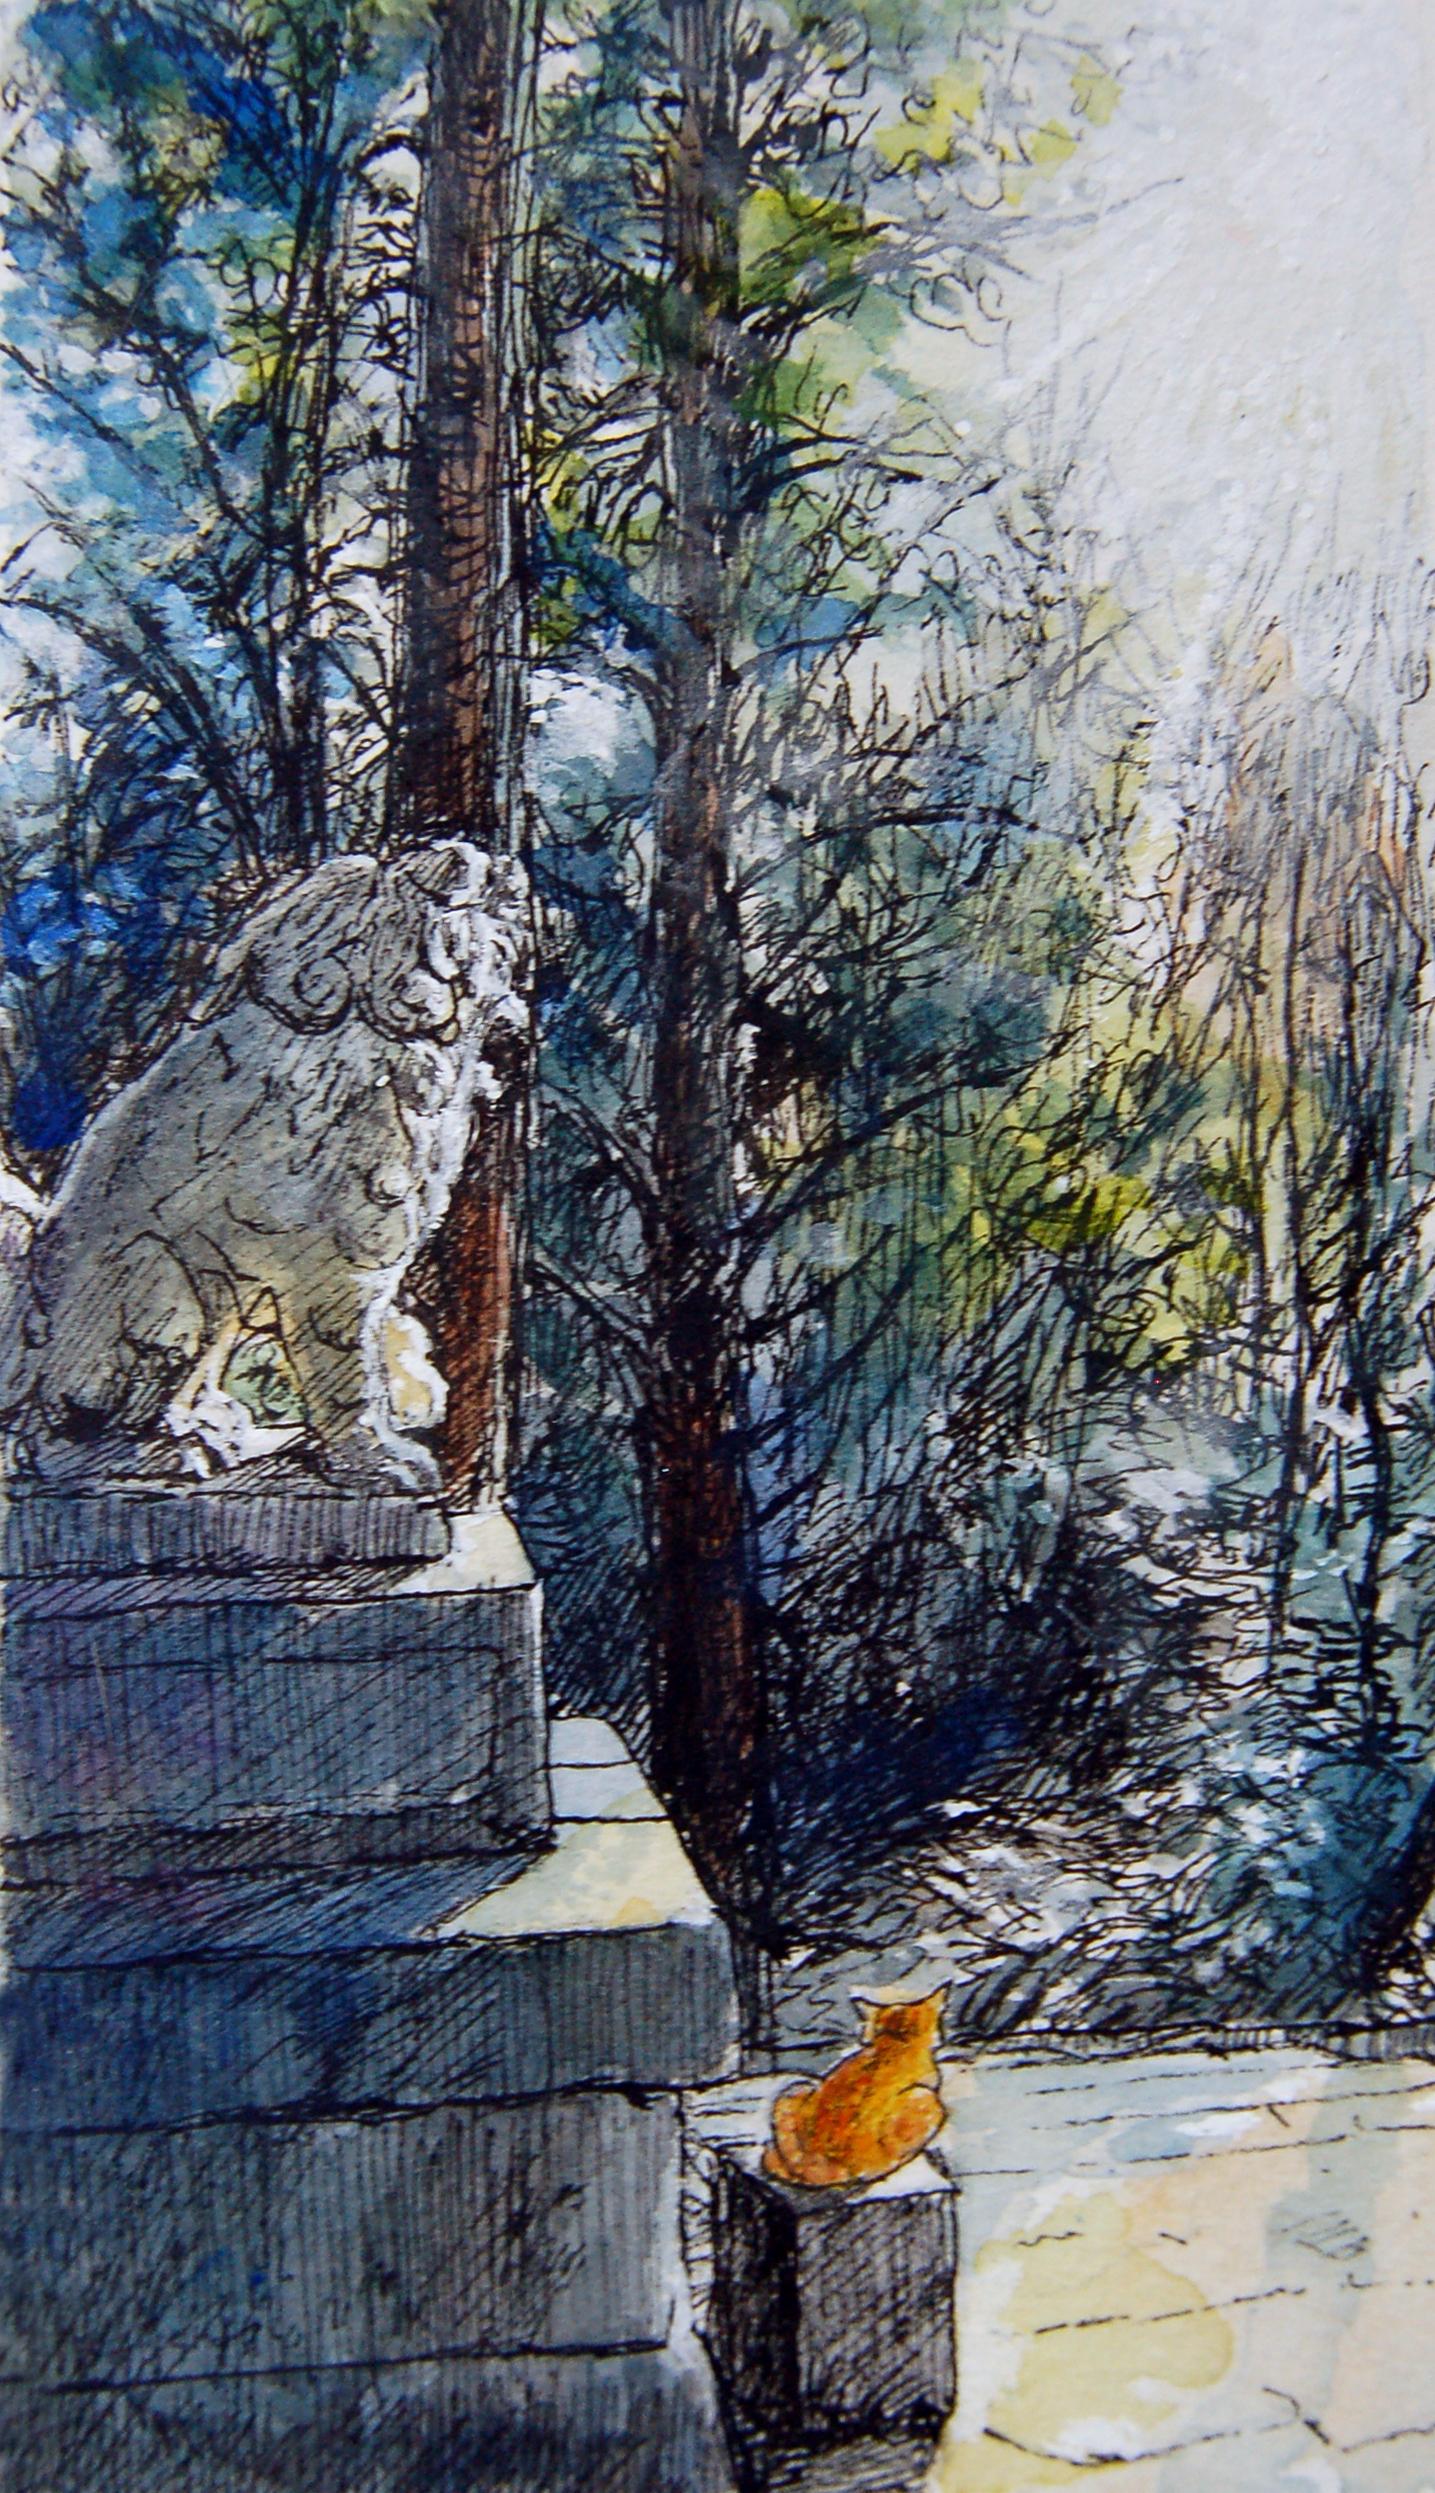 猫と神様のいるところー須賀神社  Suga Shrine